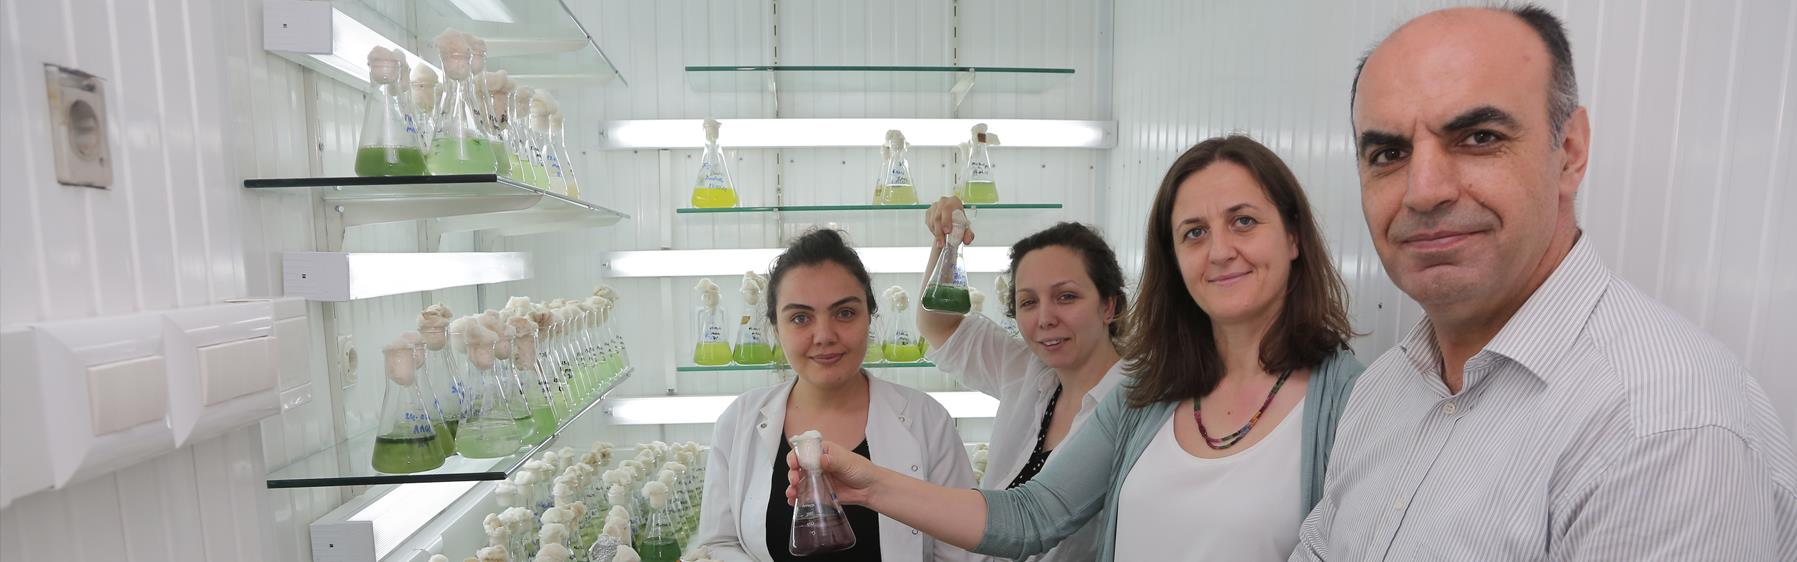 İÜ-Su-Bilimleri-Fakültesi'nde-Boş-Kontenjan-Kalmadı